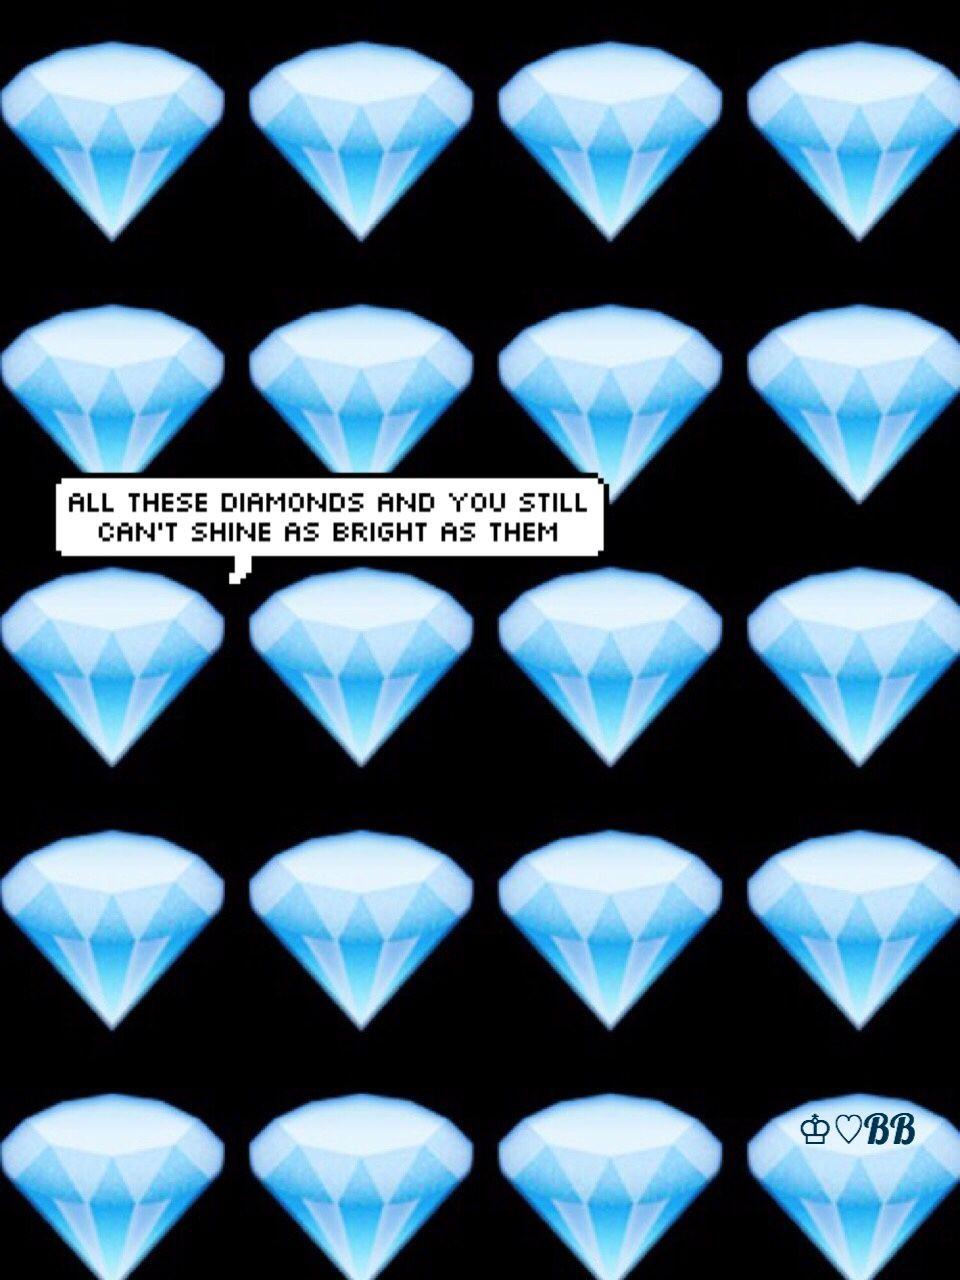 tumblr wallpaper dope gun emoji - photo #24